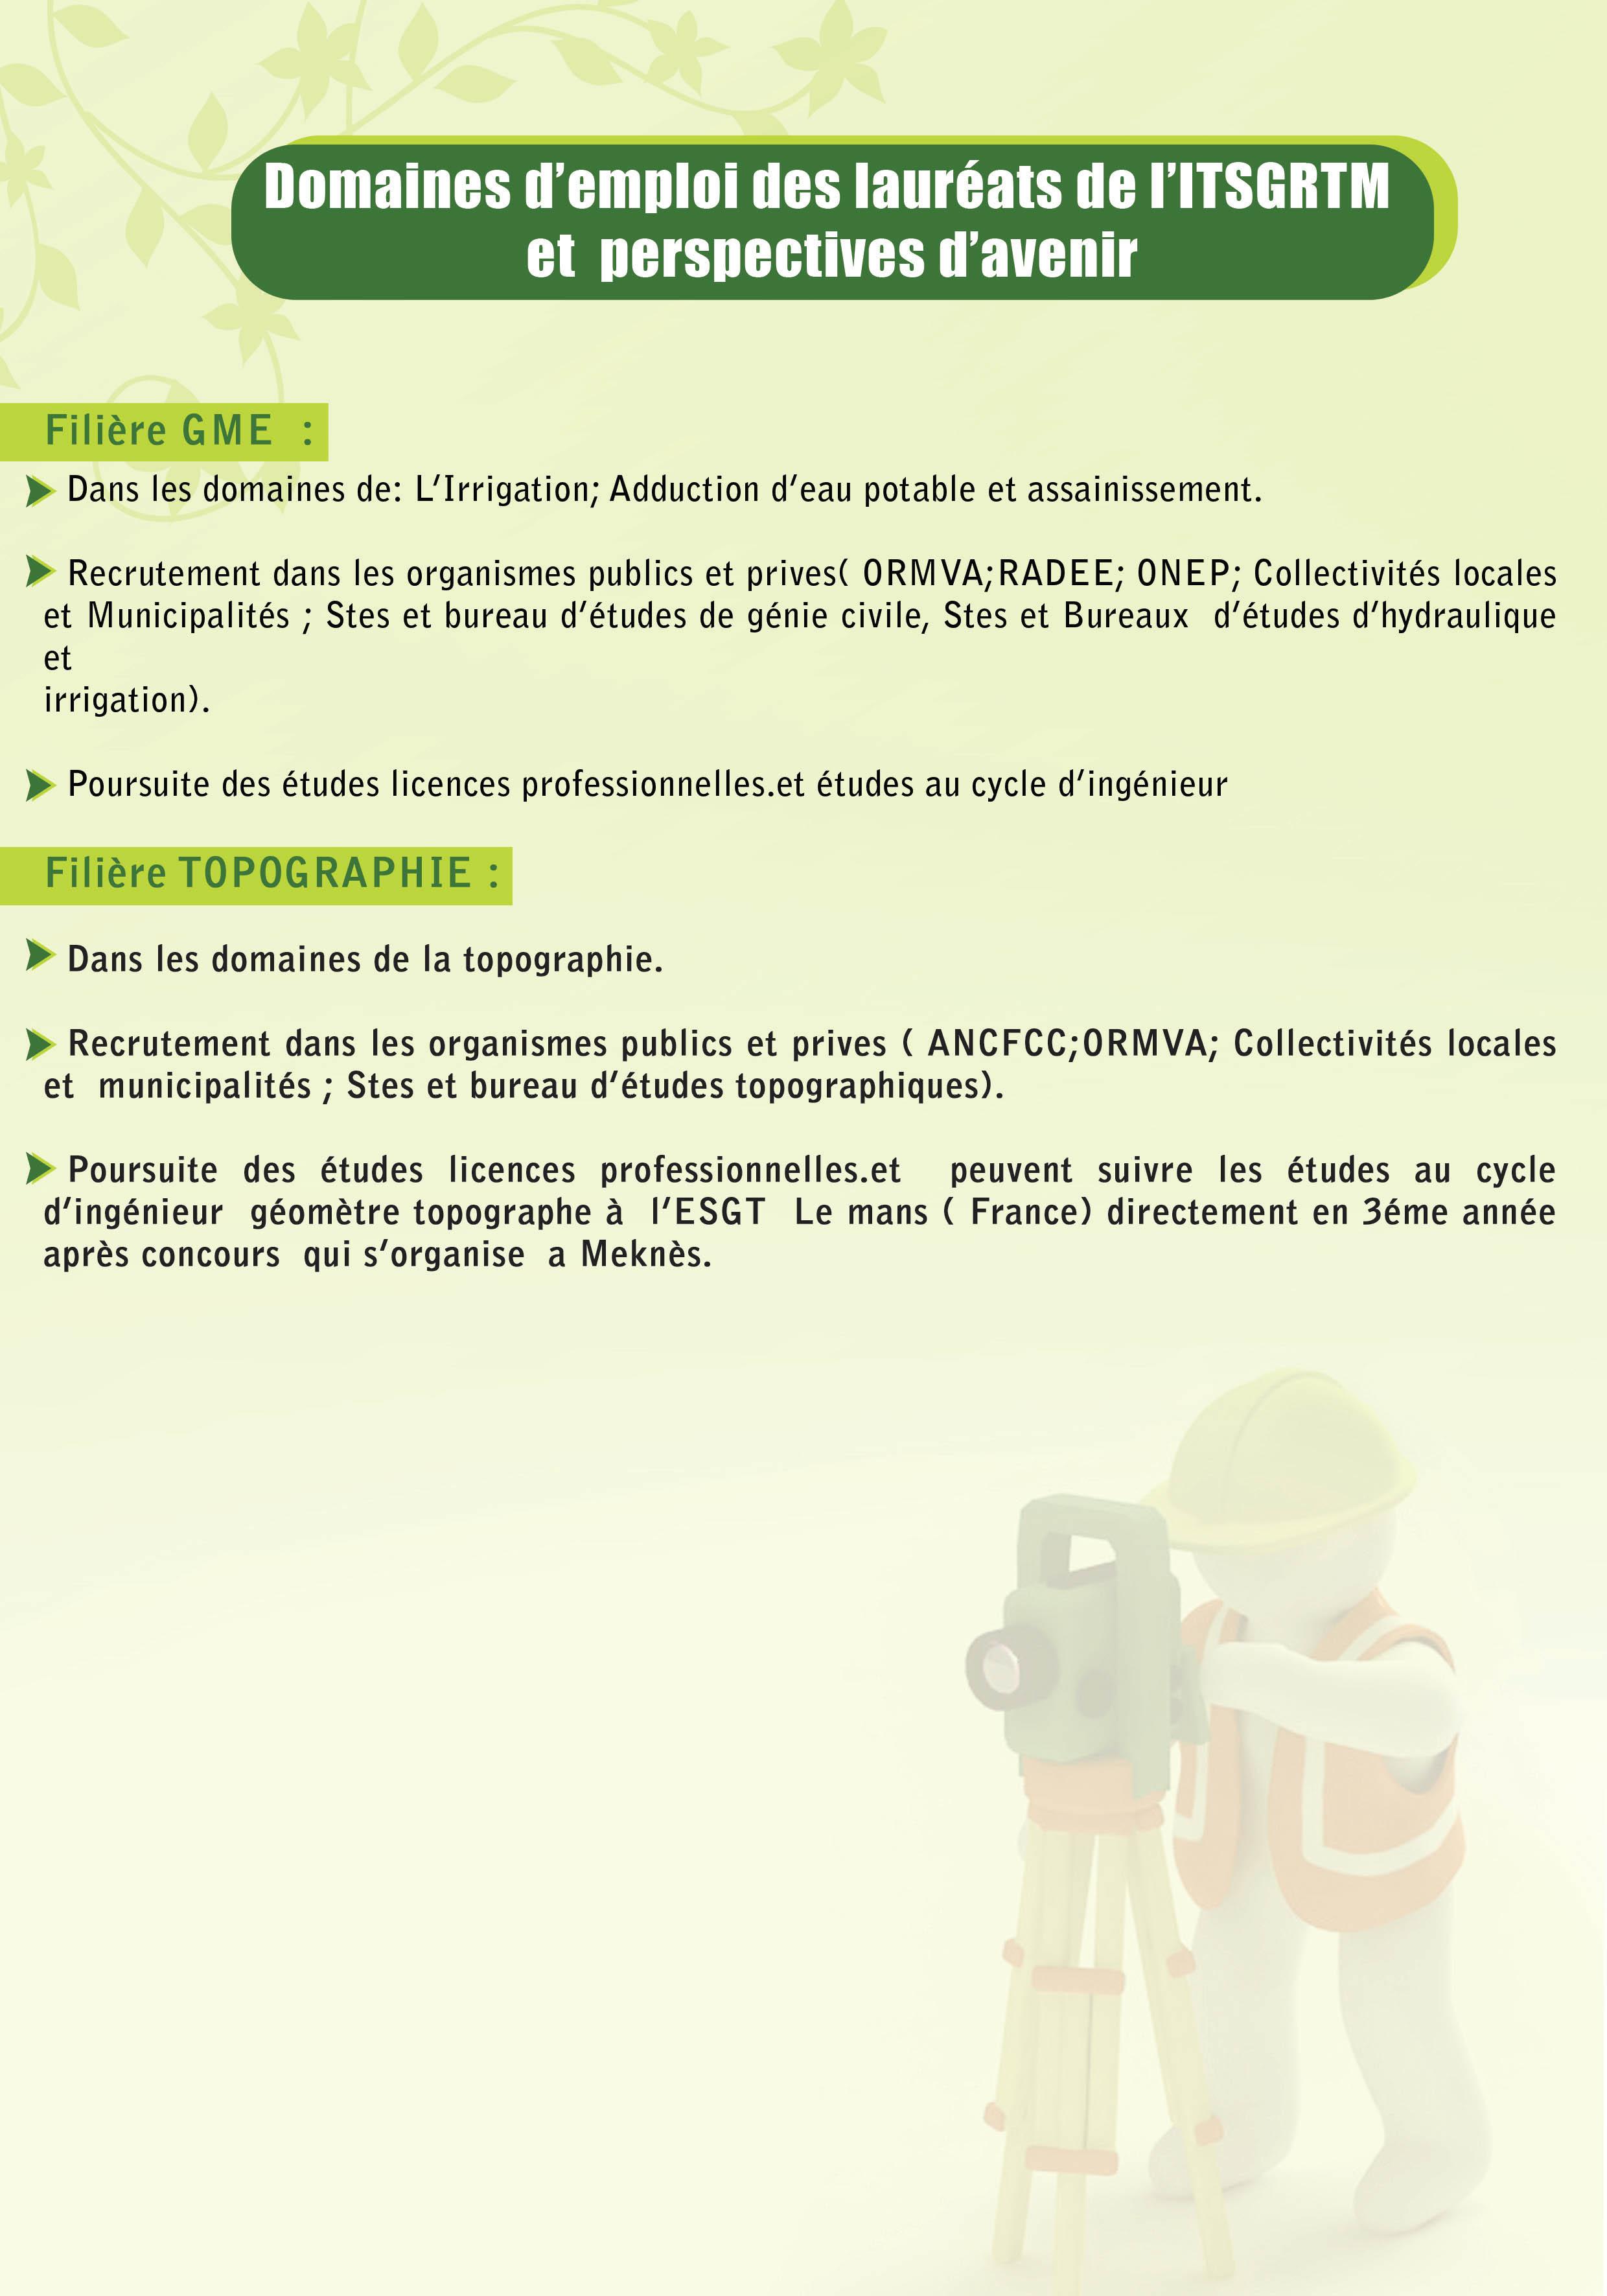 FICHE TECHNIQUE ITSGRTM-5